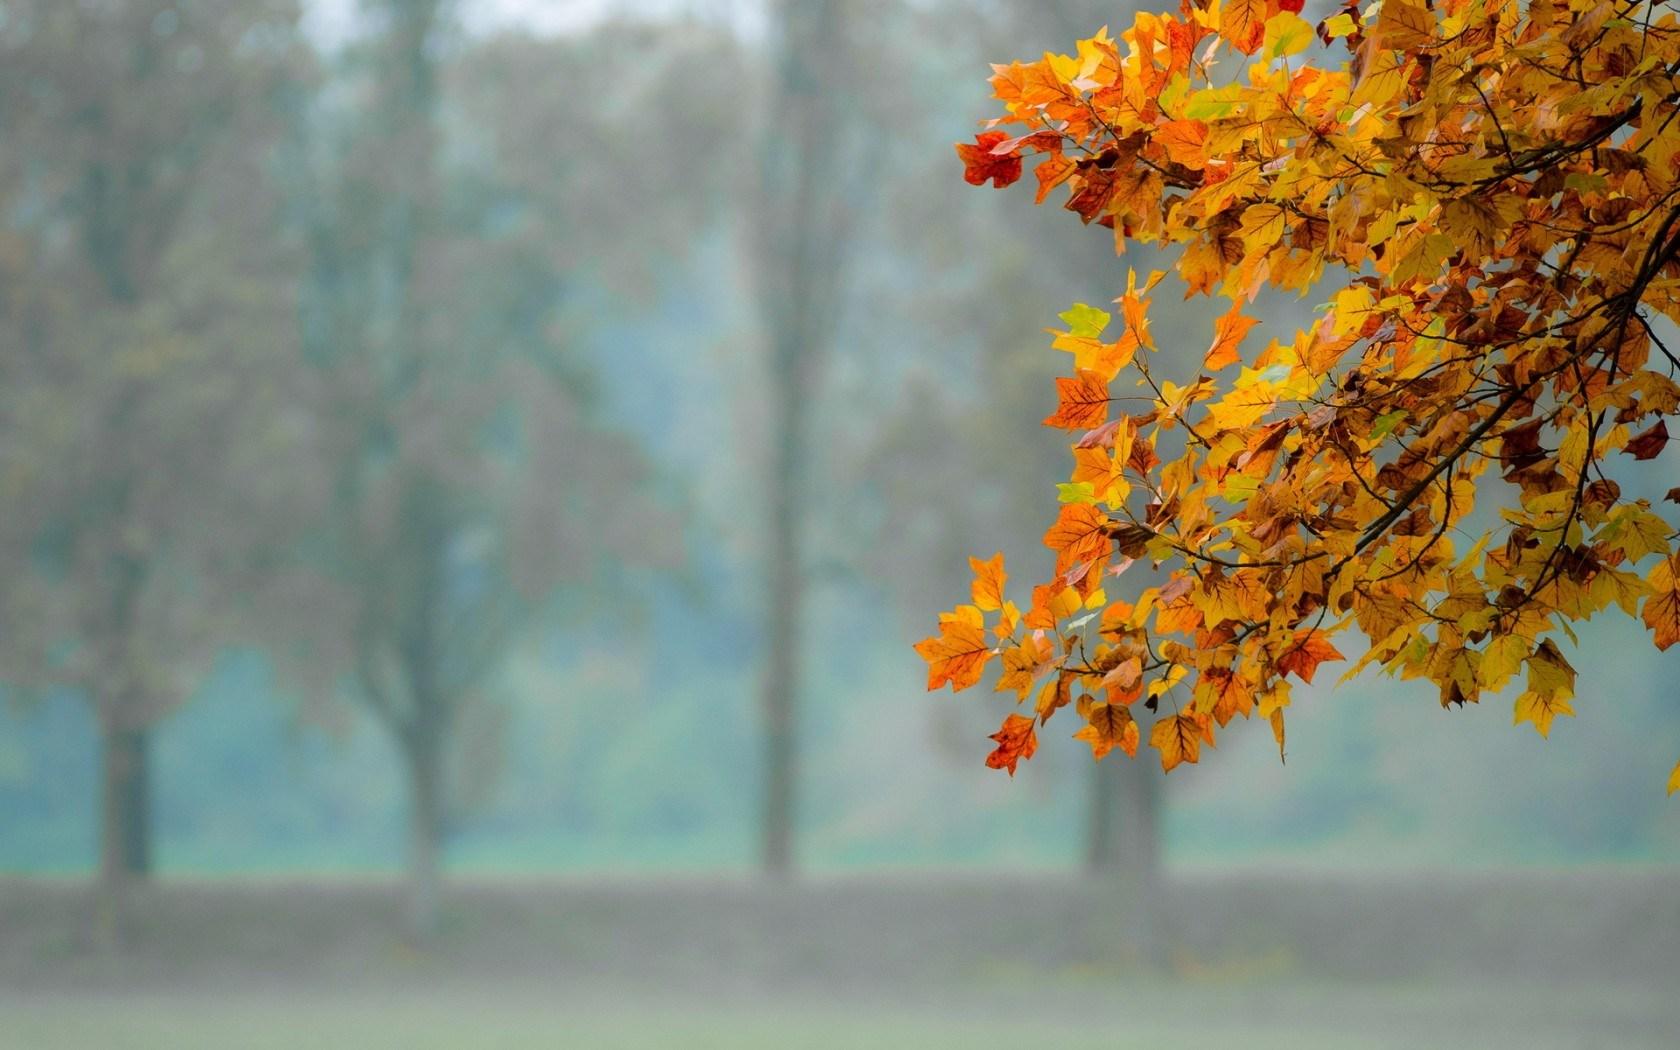 leaves autumn wallpaper - HD Desktop Wallpapers | 4k HD